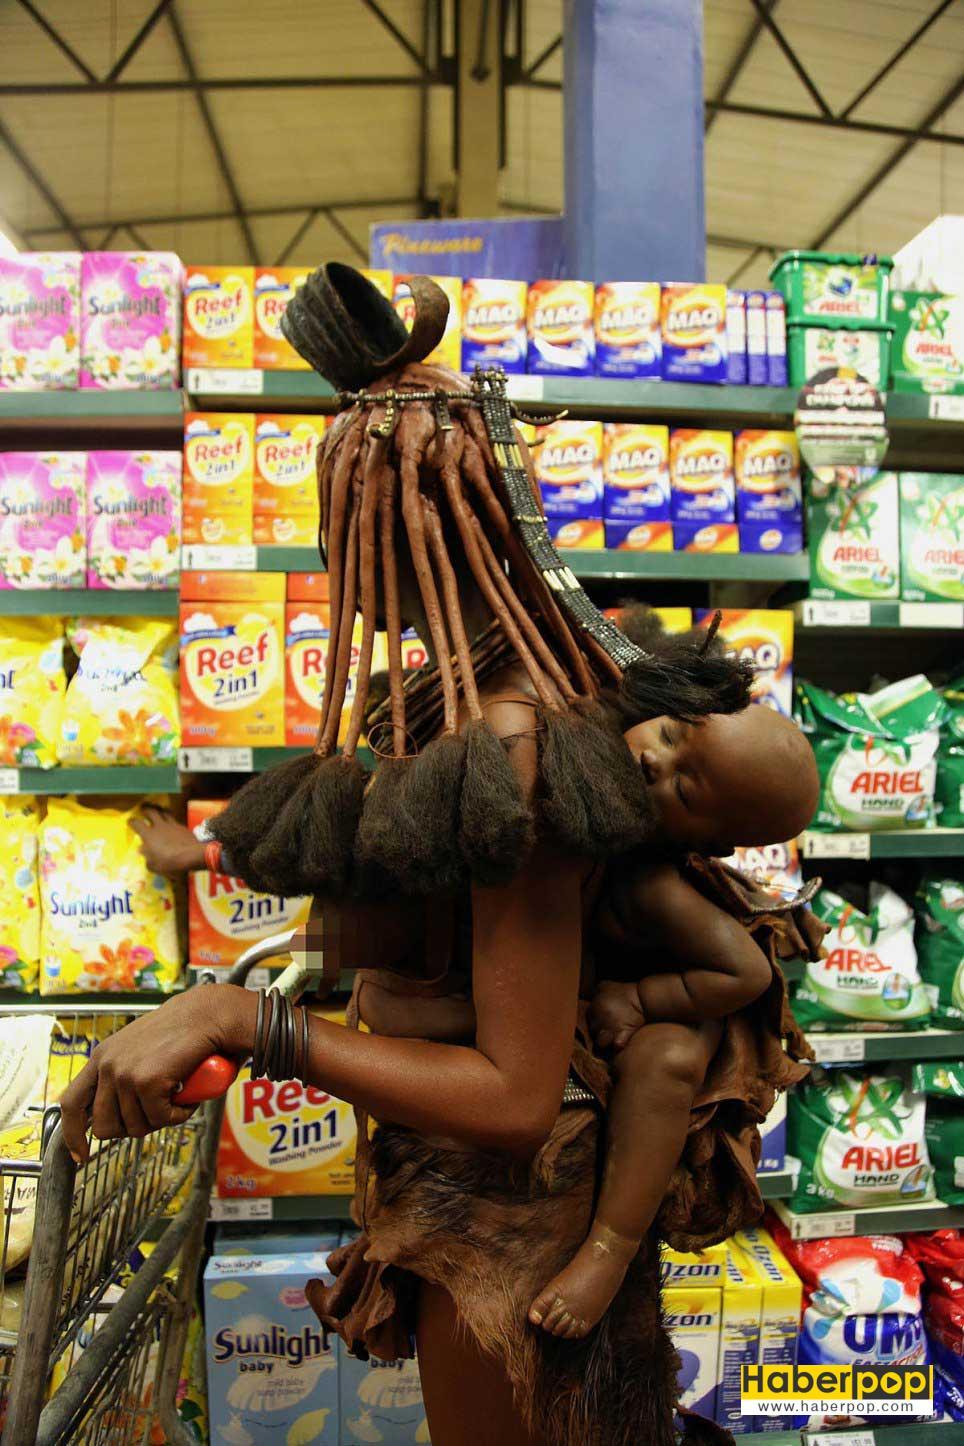 Yerli-kadın-markette-alışveriş-yaparken-görüntülendi-tuhaf-haberler